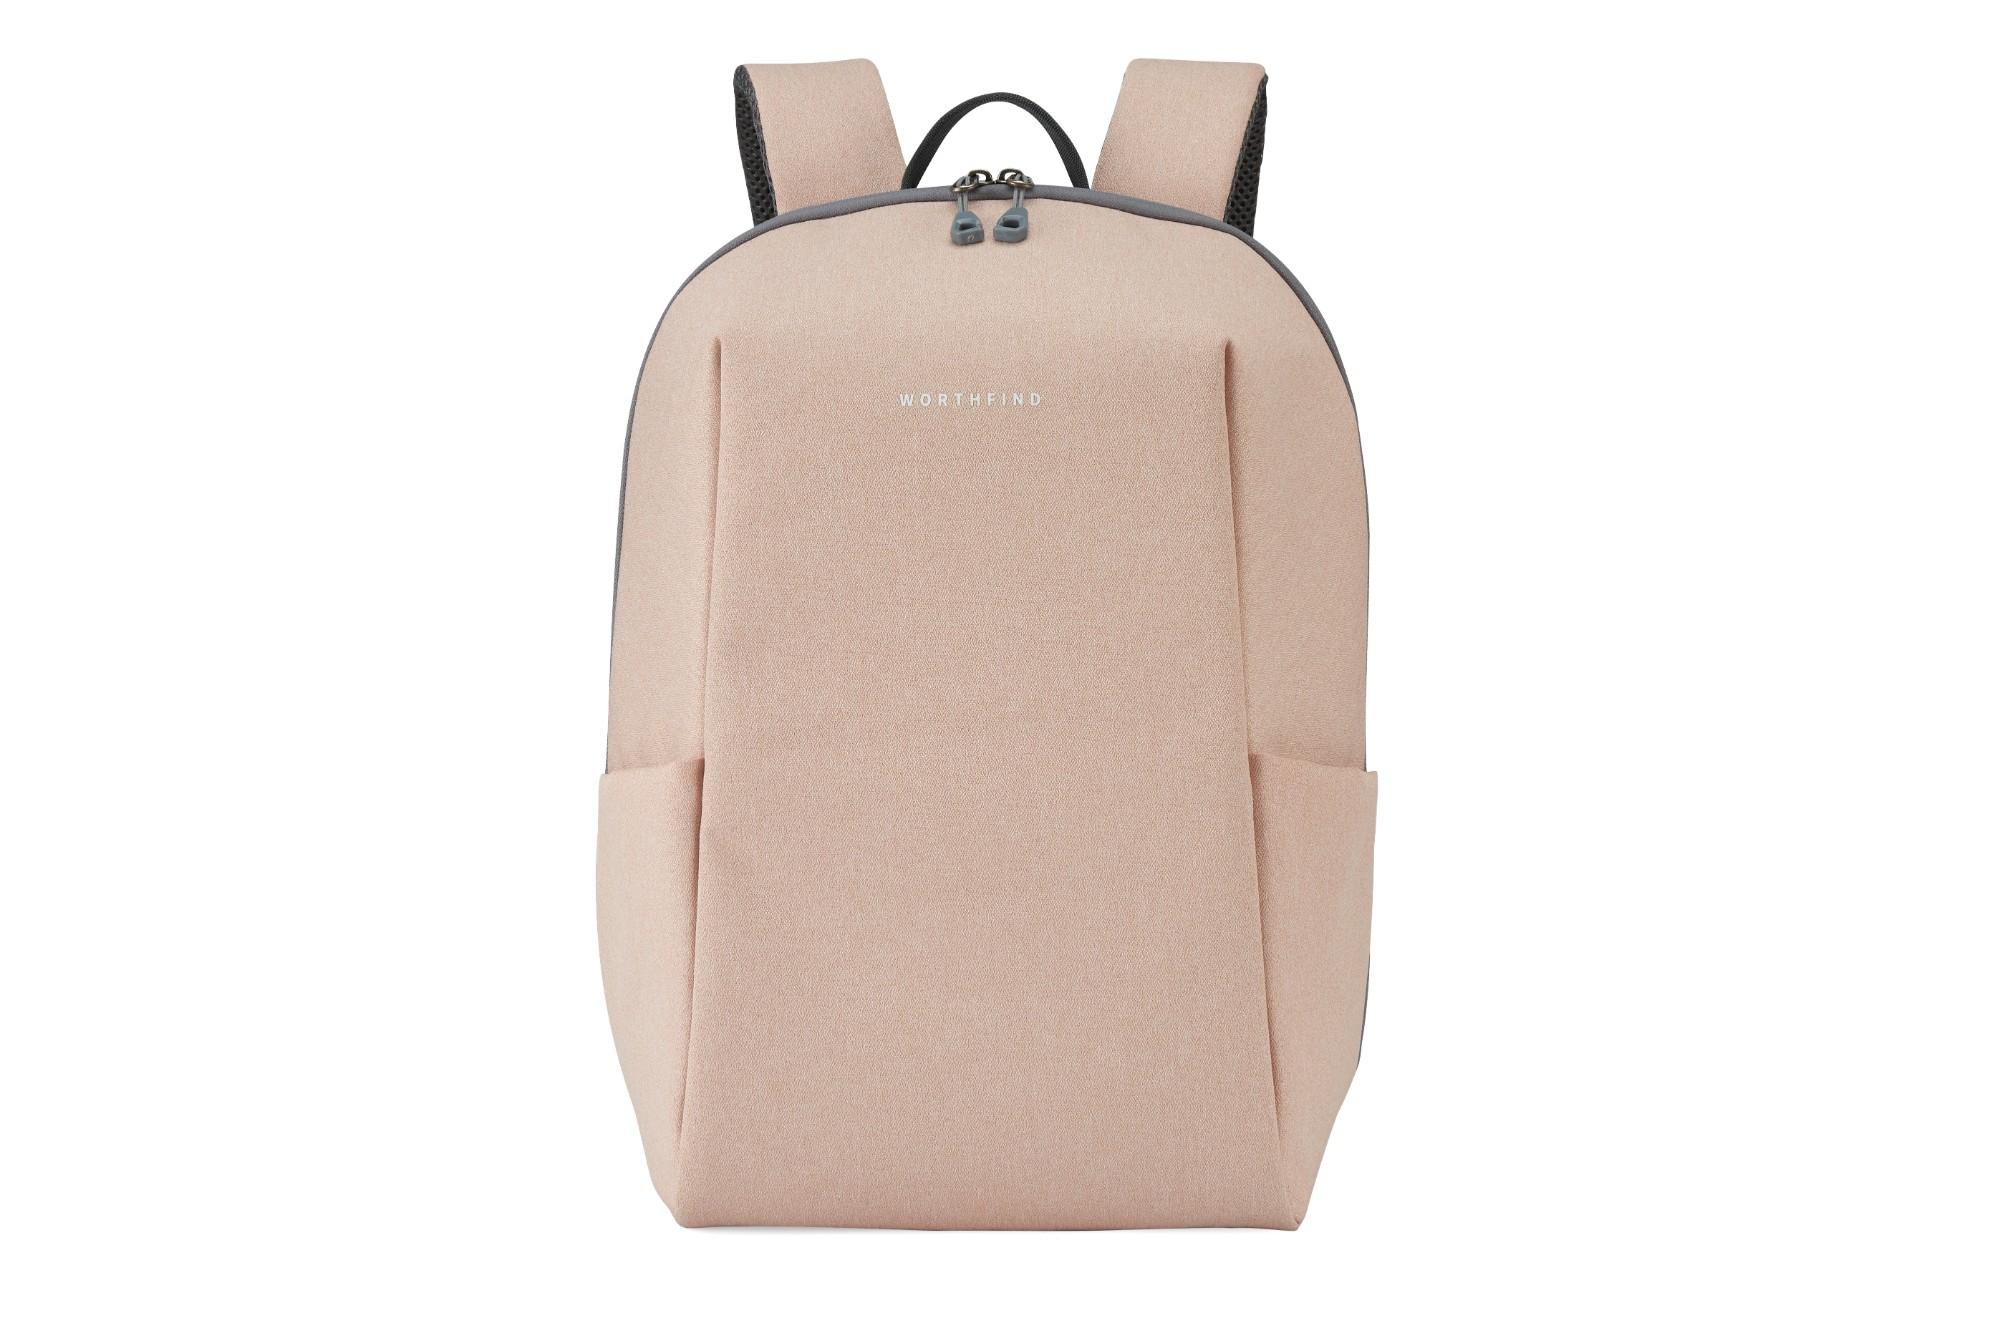 basic anti-theft backpack